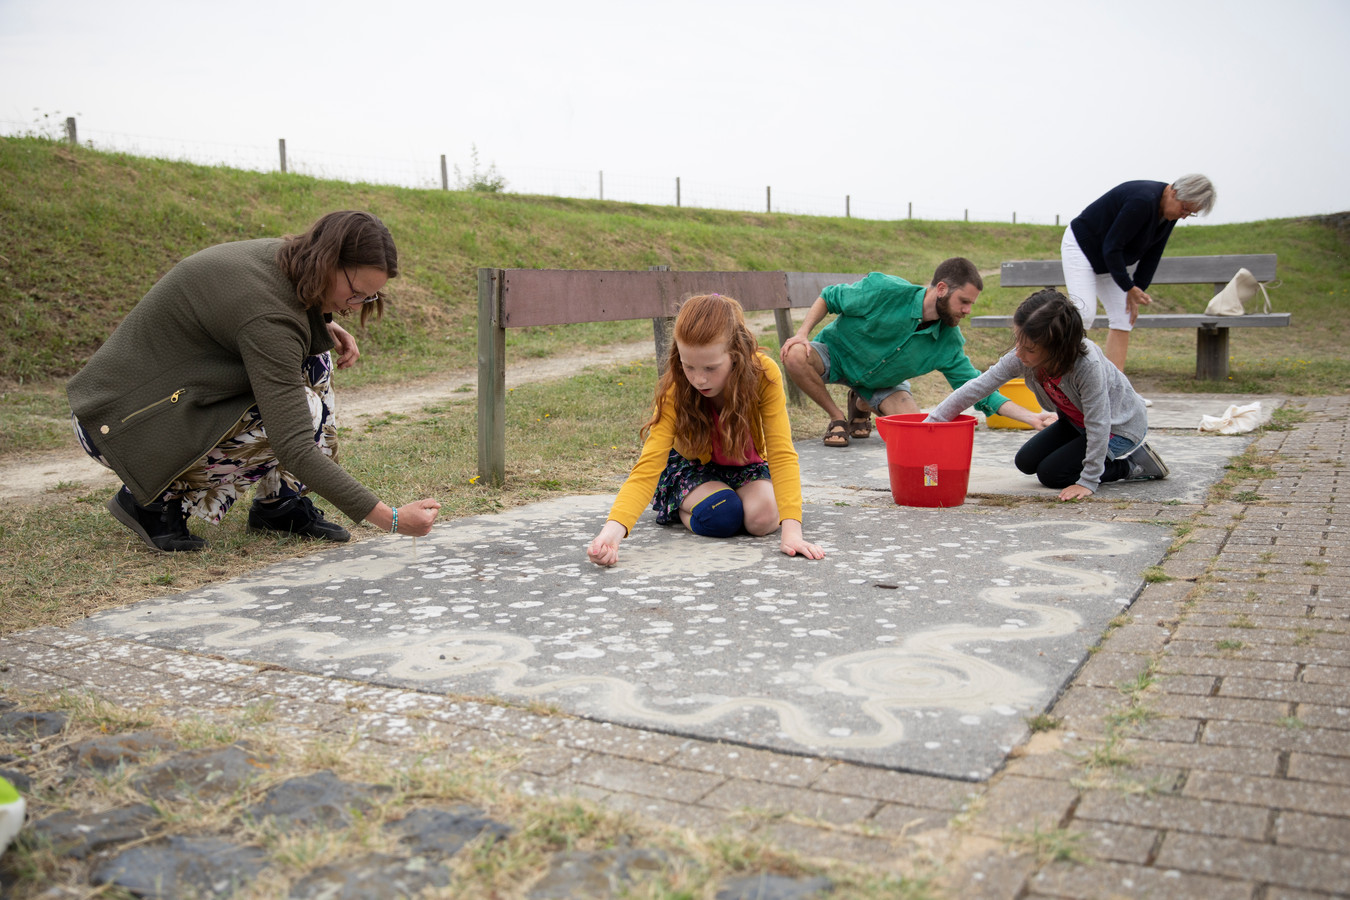 Paul Nieboer (derde van links) pleit voor de terugkeer van de traditie om een zandtapijtje te maken. Maritza Wandel (l) en haar kinderen Elin en Joni doen mee met de workshop van de kunstenaar, net als Ria Schoof (helemaal achter).